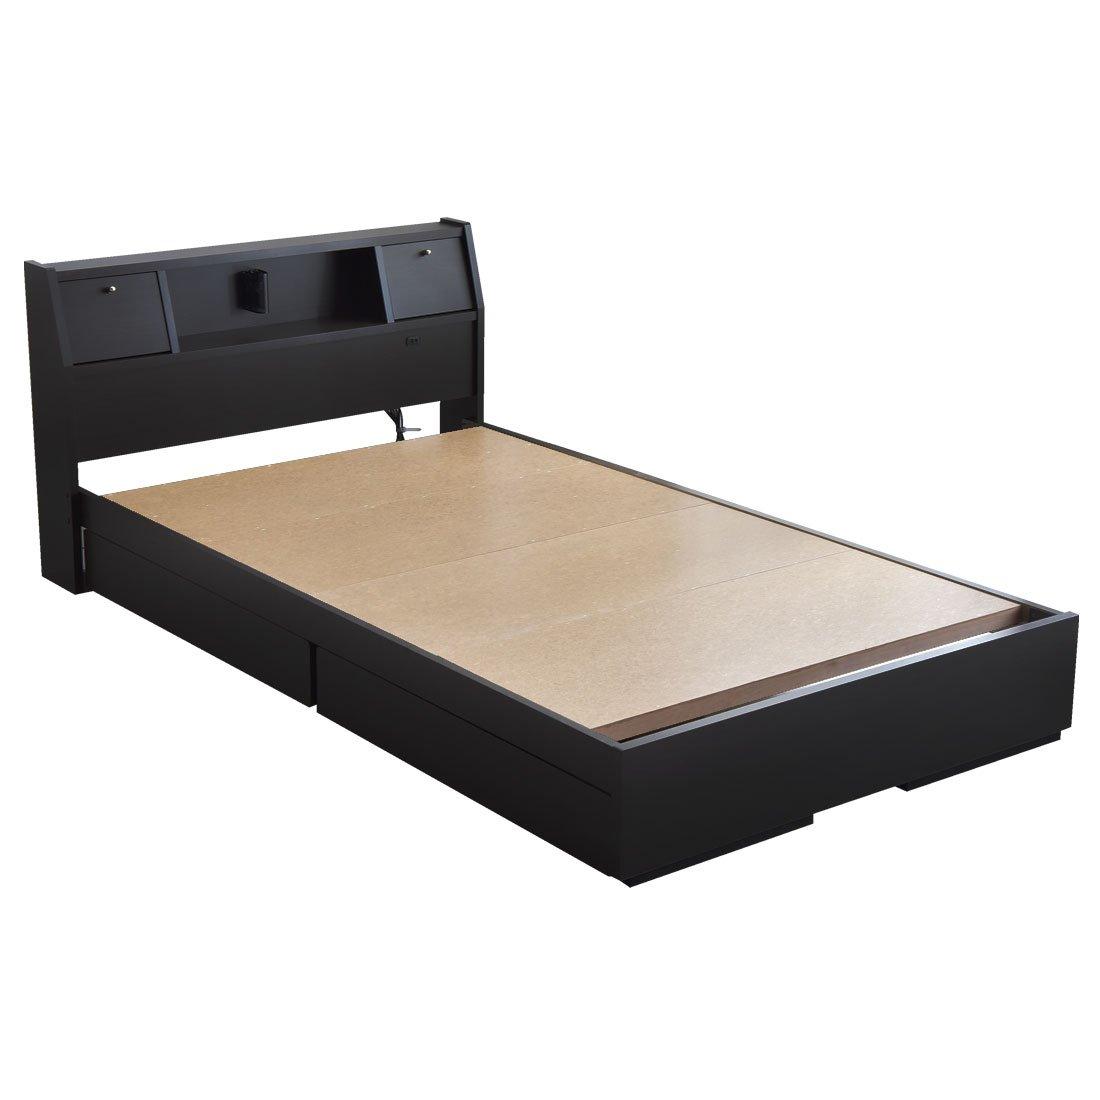 タンスのゲン 日本製 収納ベッド 引き出し コンセント付 フレームのみ 木製 宮棚 シンプル ベッドフレーム シングル ブラック 44300001 02 B06XDWNC8S 1、シングル|ブラック ブラック 1、シングル